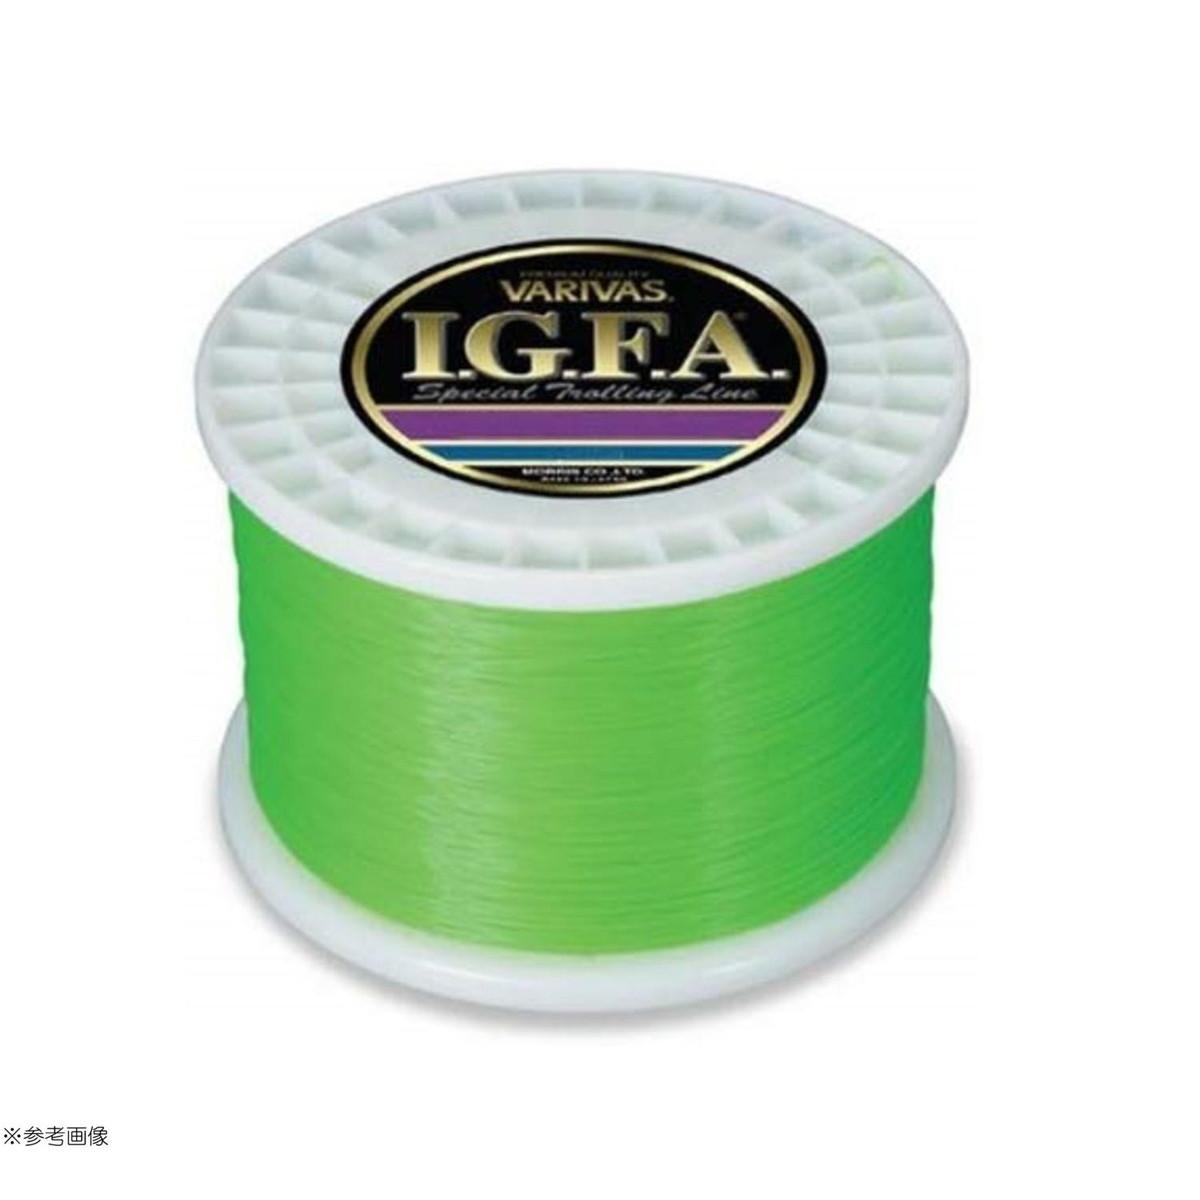 【送料無料4】モーリス ライン VARIVAS I.G.F.A. スペシャルトローリングライン フラッシュグリーン 1800m 130LB